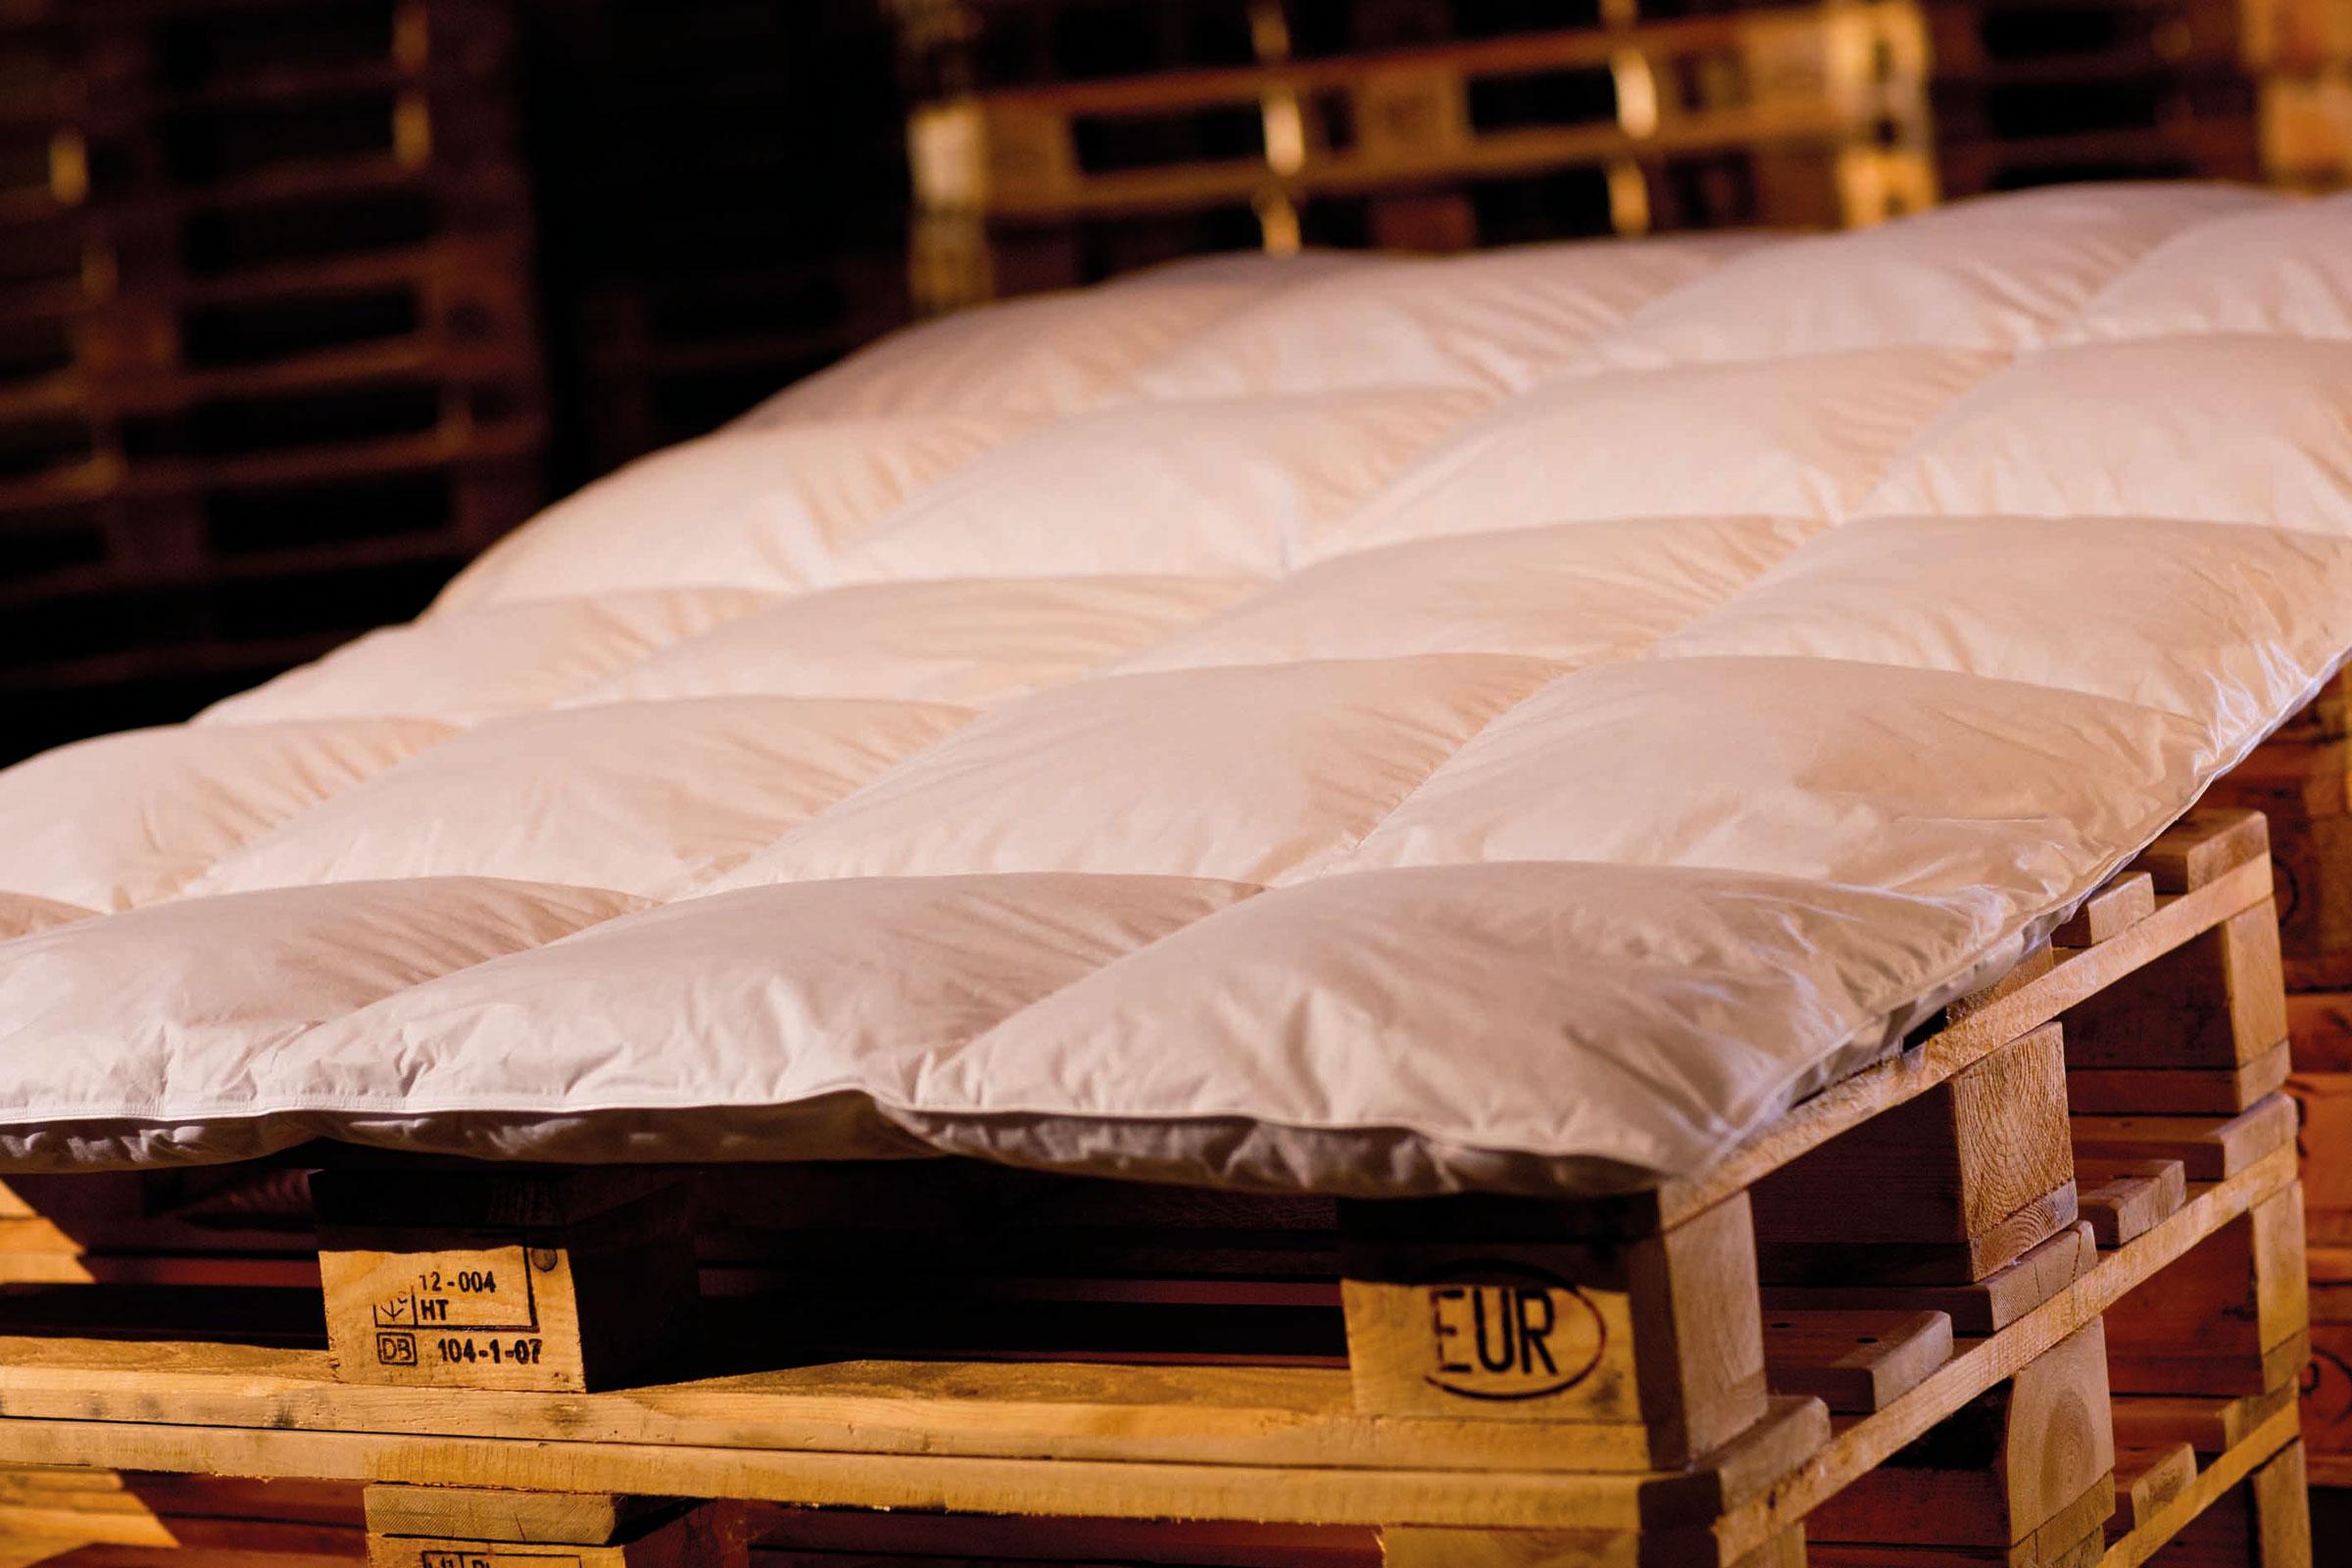 Bettdecken und Kopfkissen - Premium Sommerdecke Bettdecke 135x200 400g Gramm 50 Daunen 50 Federn Serie Moon  - Onlineshop PremiumShop321